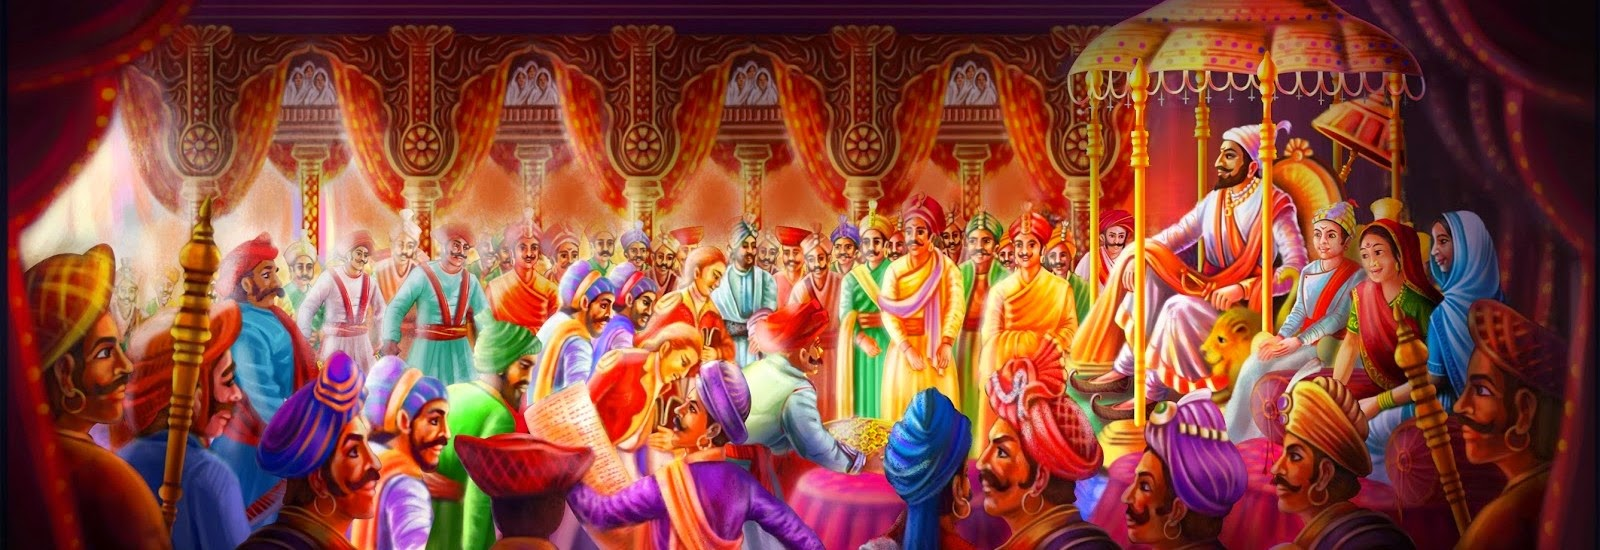 Махабхарата - Ведические цари